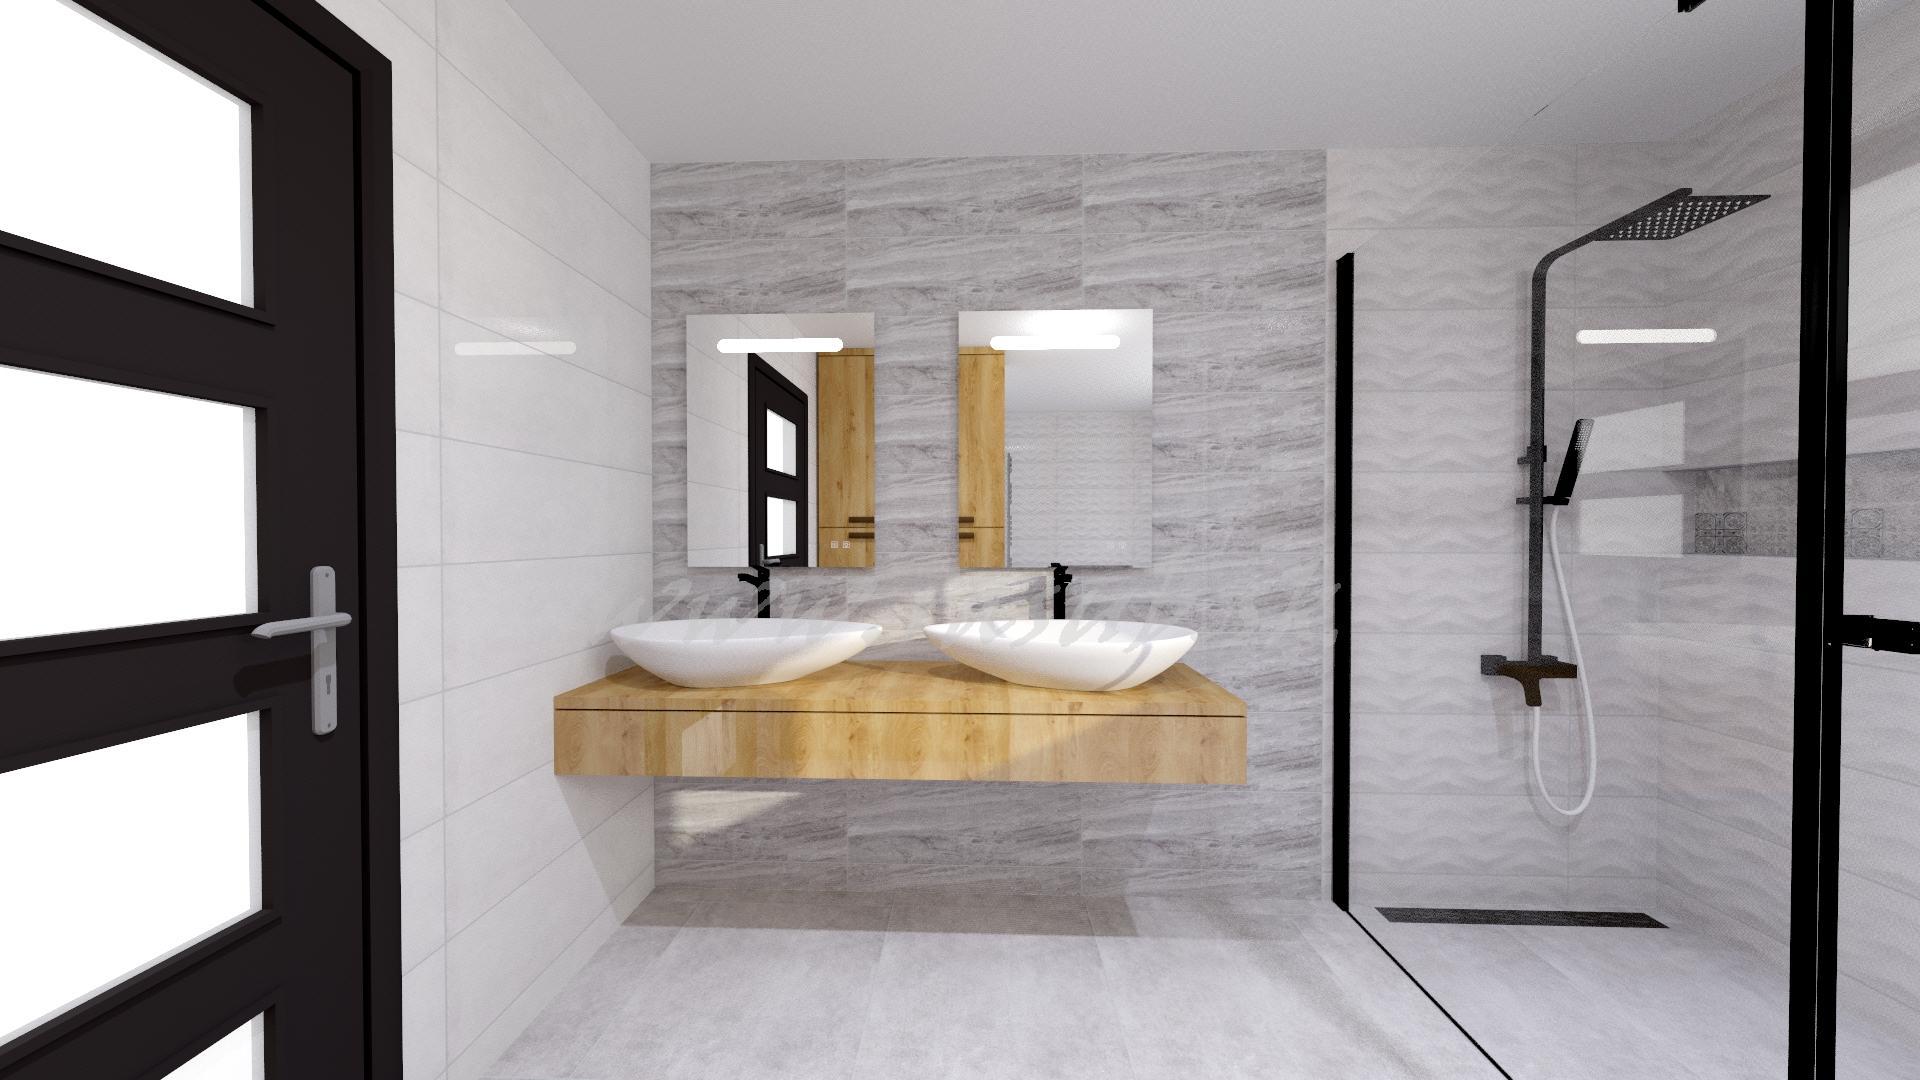 Náš domček ❤️🏡 - Vizualizácia našej kúpeľne. Čo poviete ??